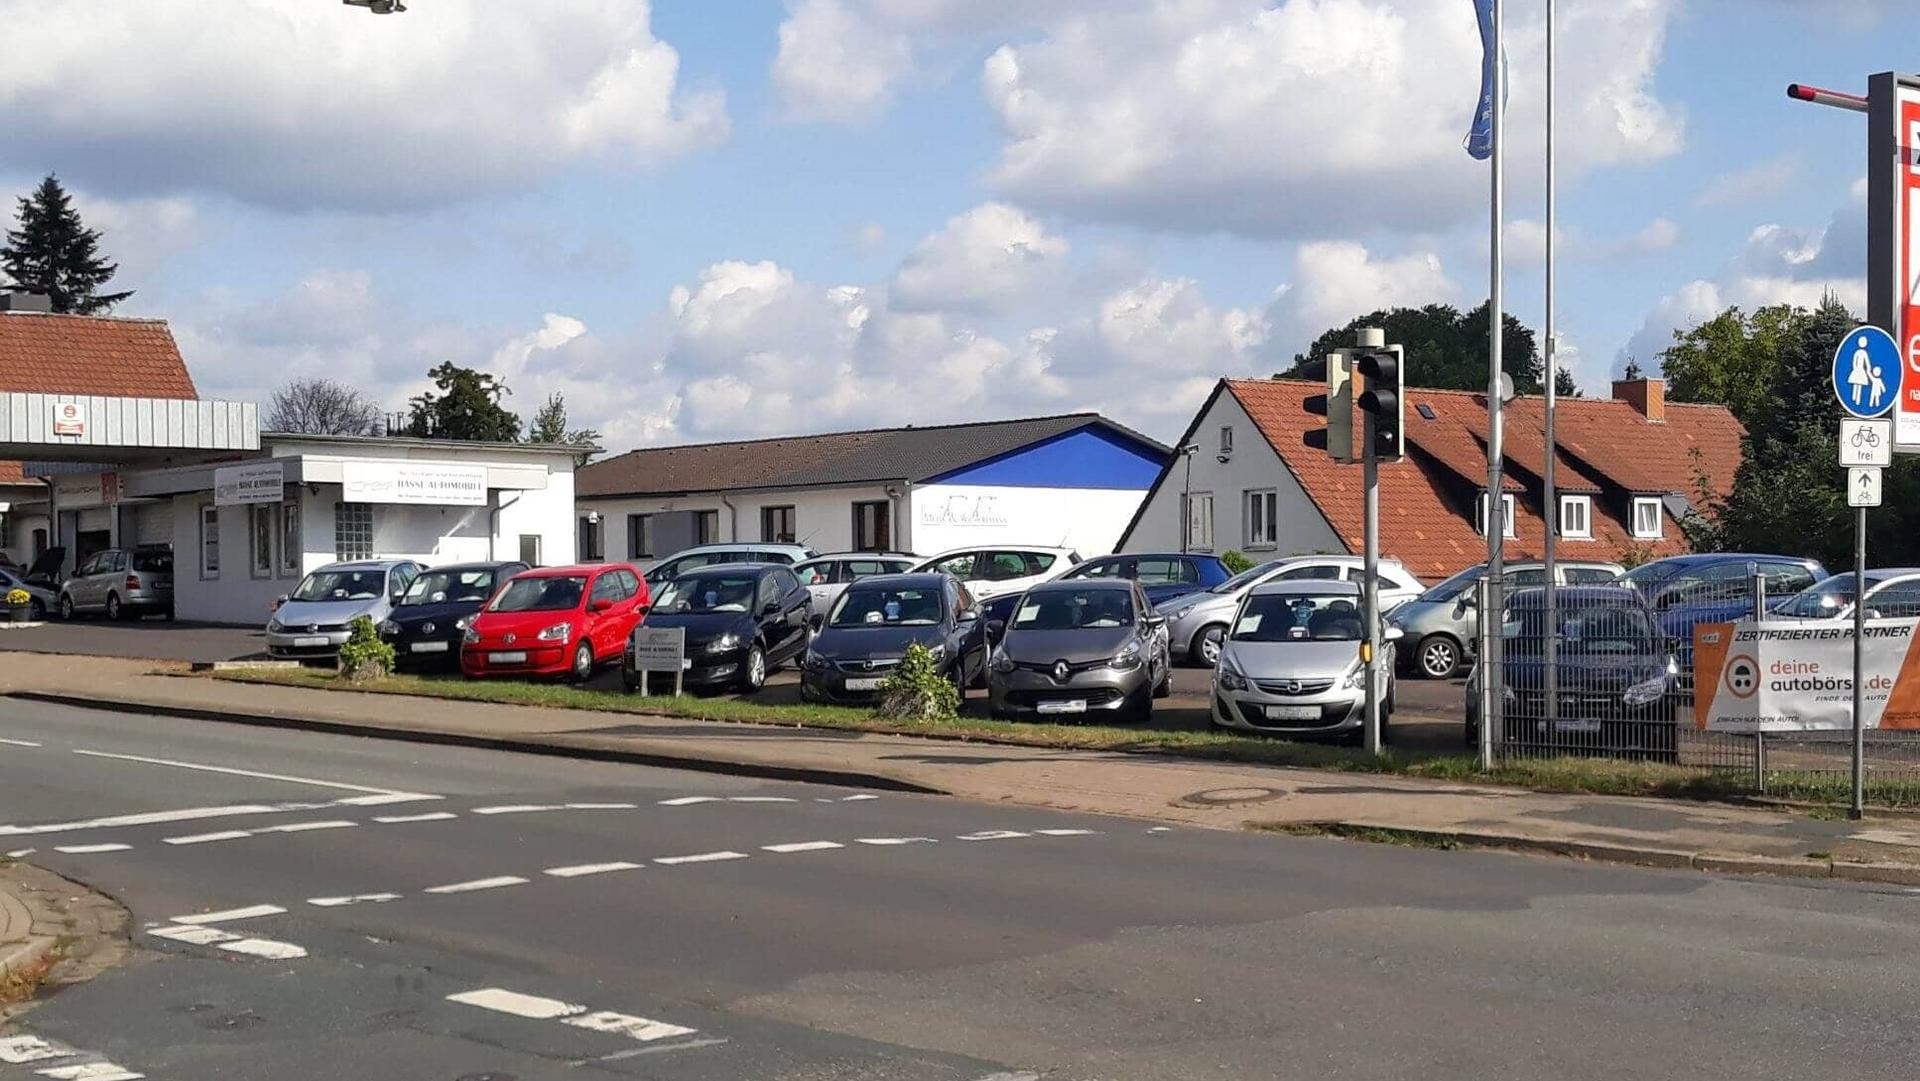 Wir bieten Ihnen eine große Online Auswahl an EU-Neufahrzeugen, Jahreswagen, neue EU-Bestellfahrzeuge und junger Gebrauchtwagen